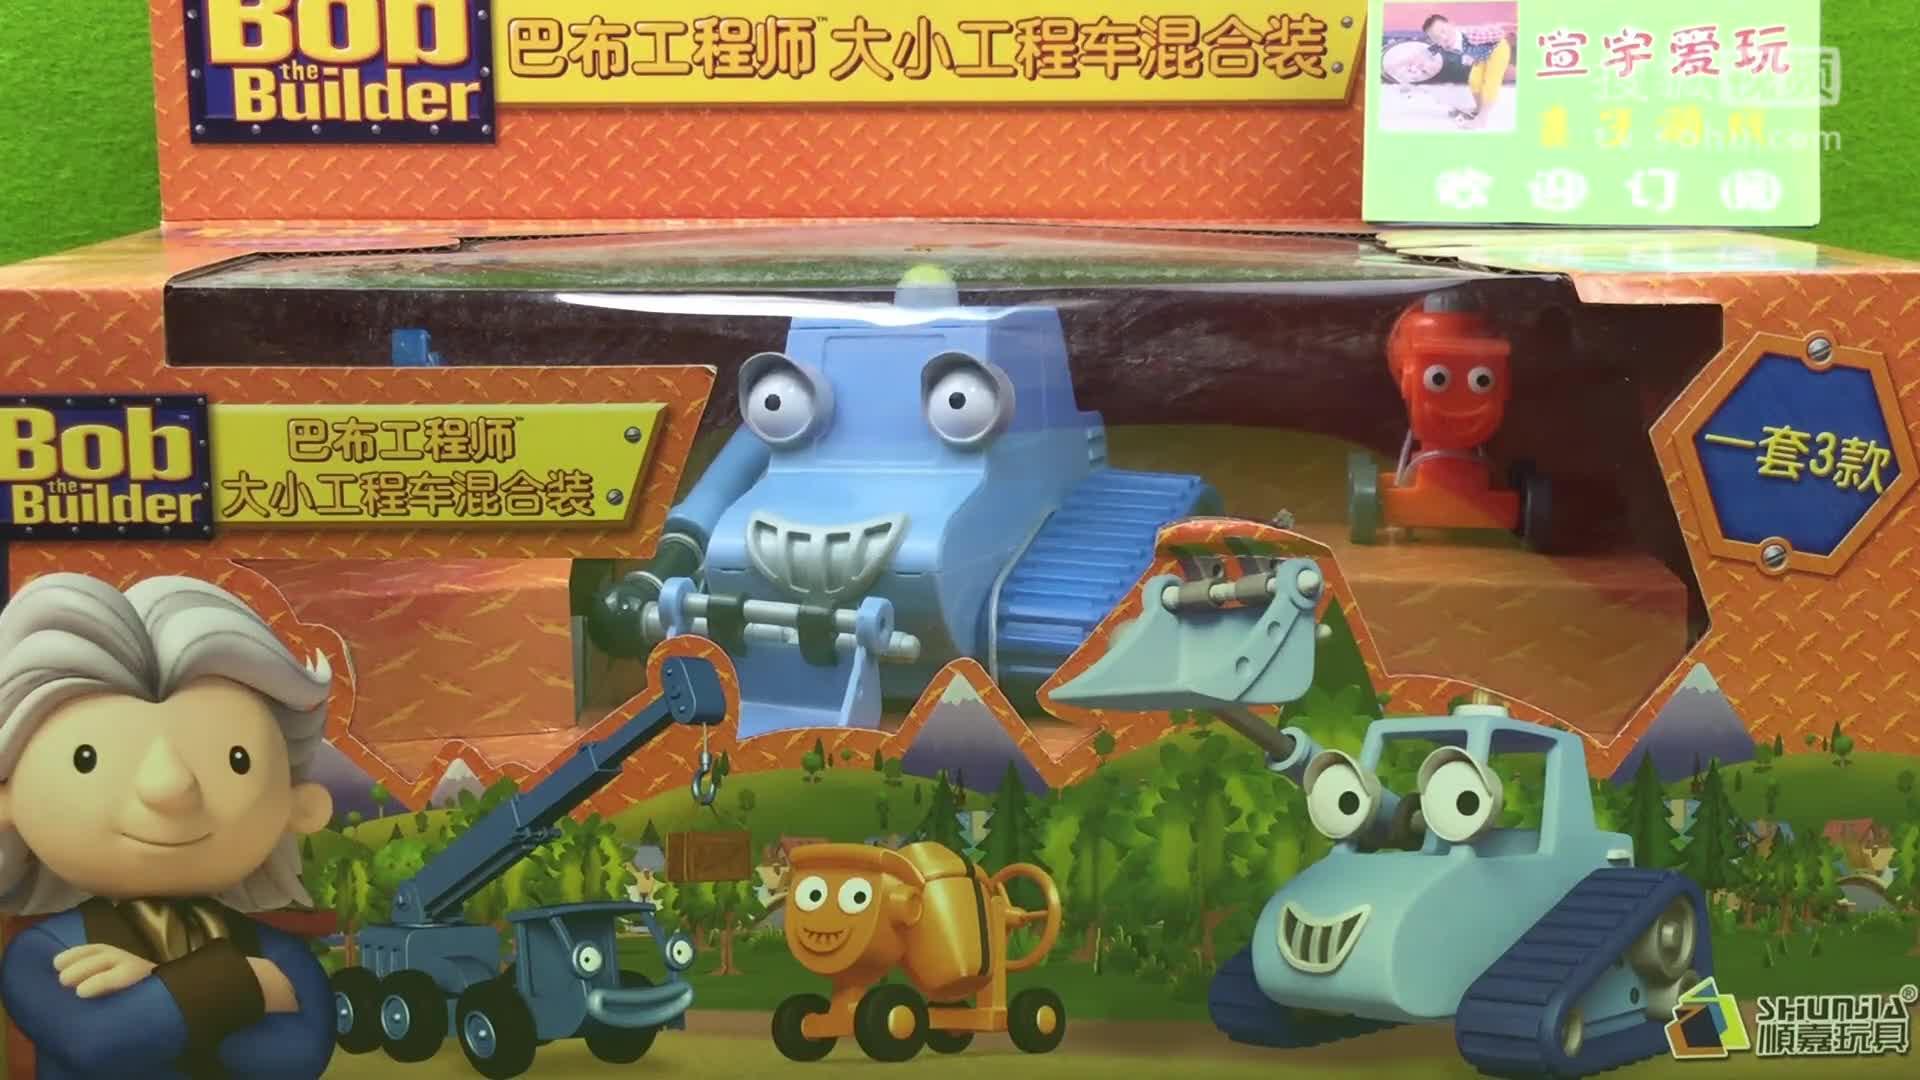 臭屁虫玩巴布工程师工程车玩具- 亲子游戏 儿童早教 益智玩具2-.